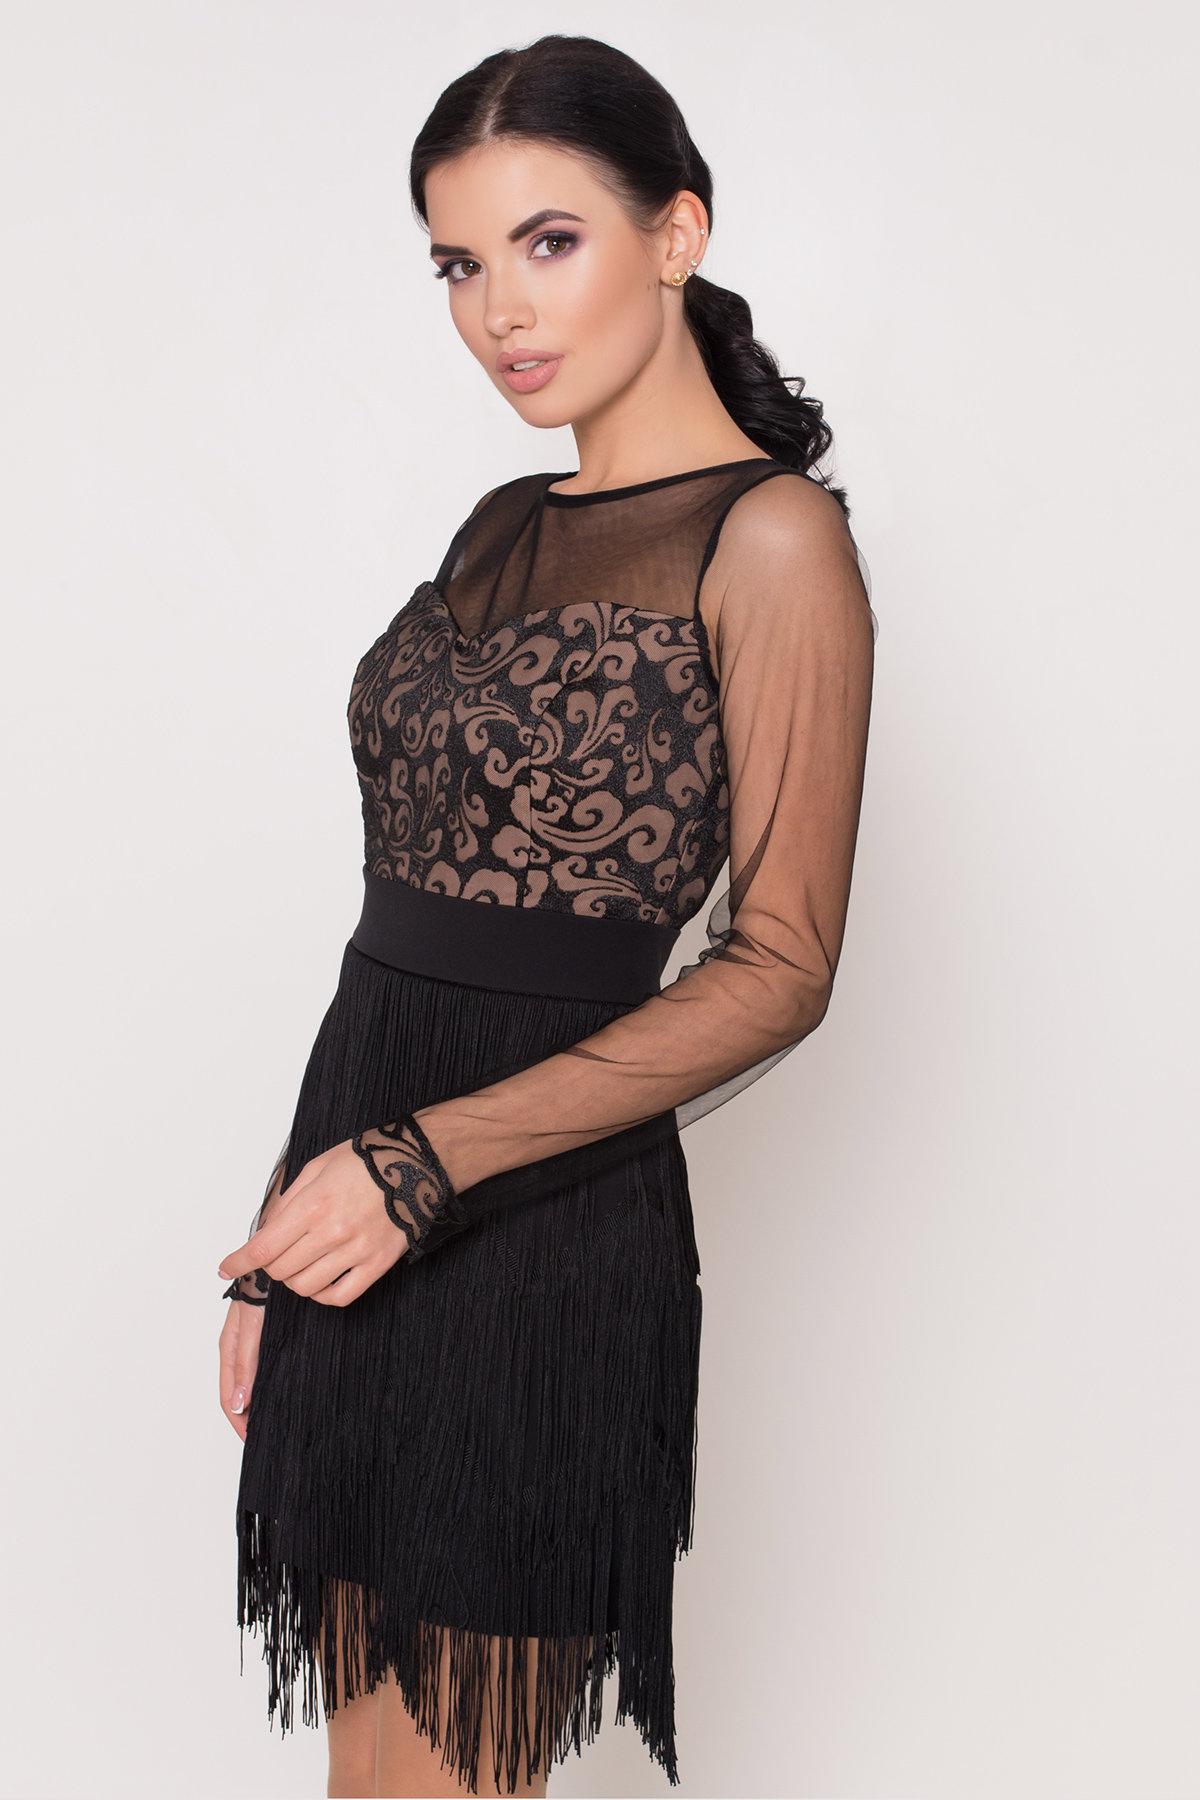 Платье Херви 8560 АРТ. 44884 Цвет: Черный - фото 5, интернет магазин tm-modus.ru